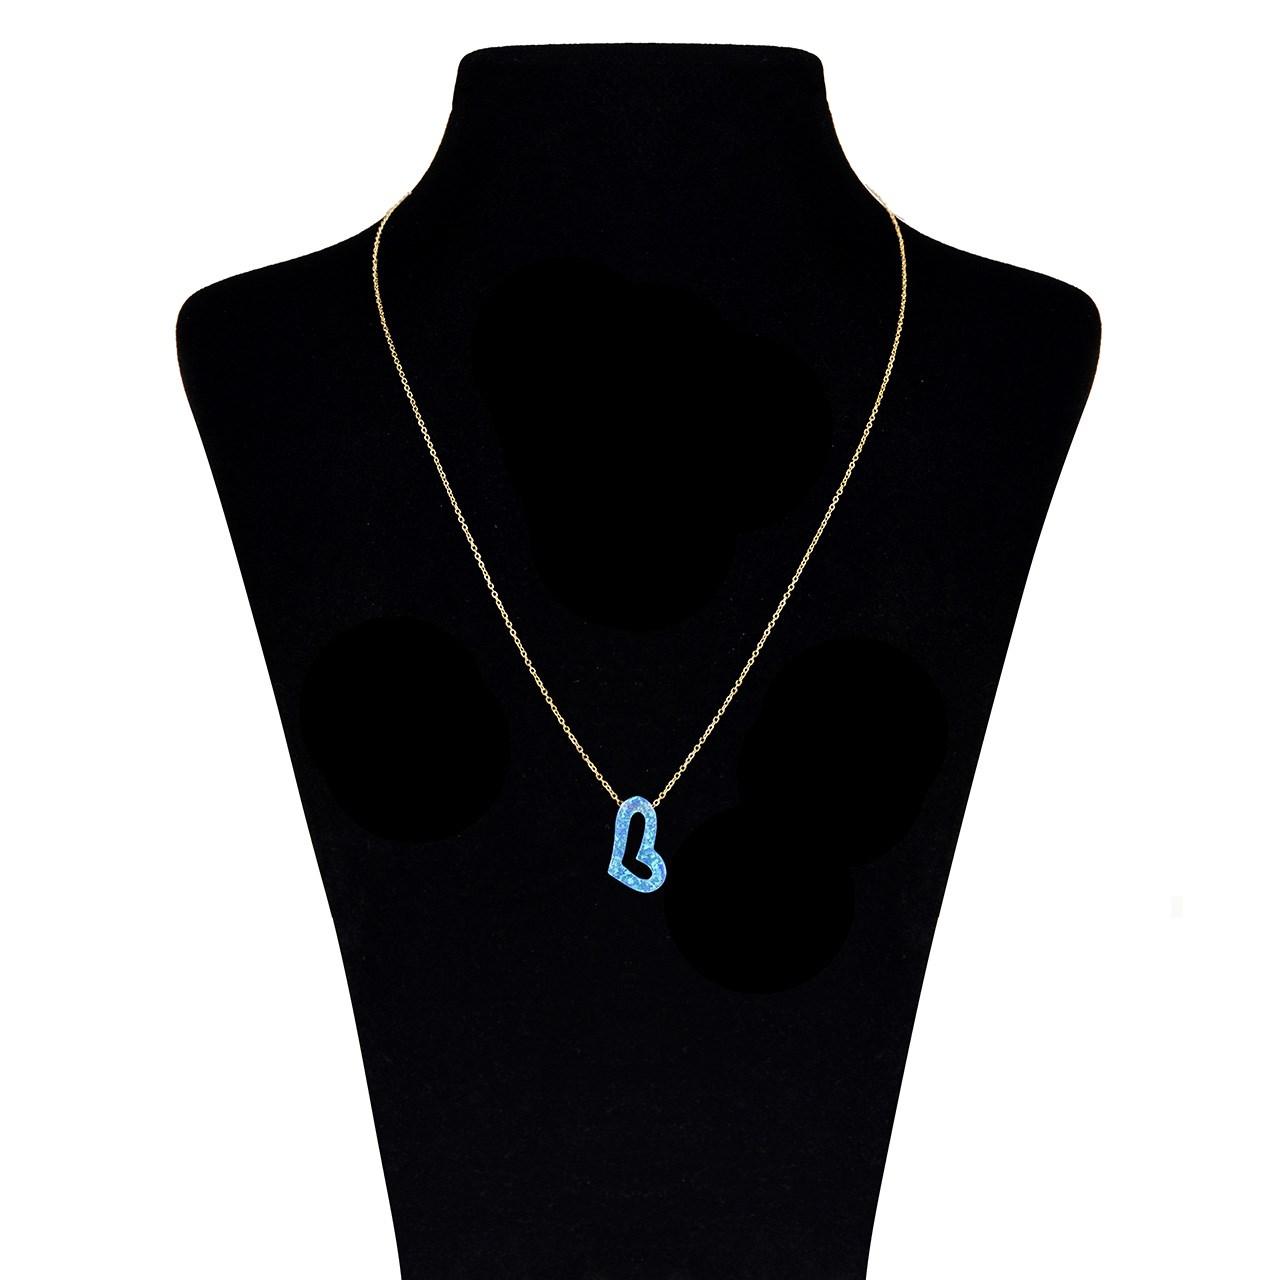 گردنبند طلا 18 عیار ماهک مدل MM0711 - مایا ماهک